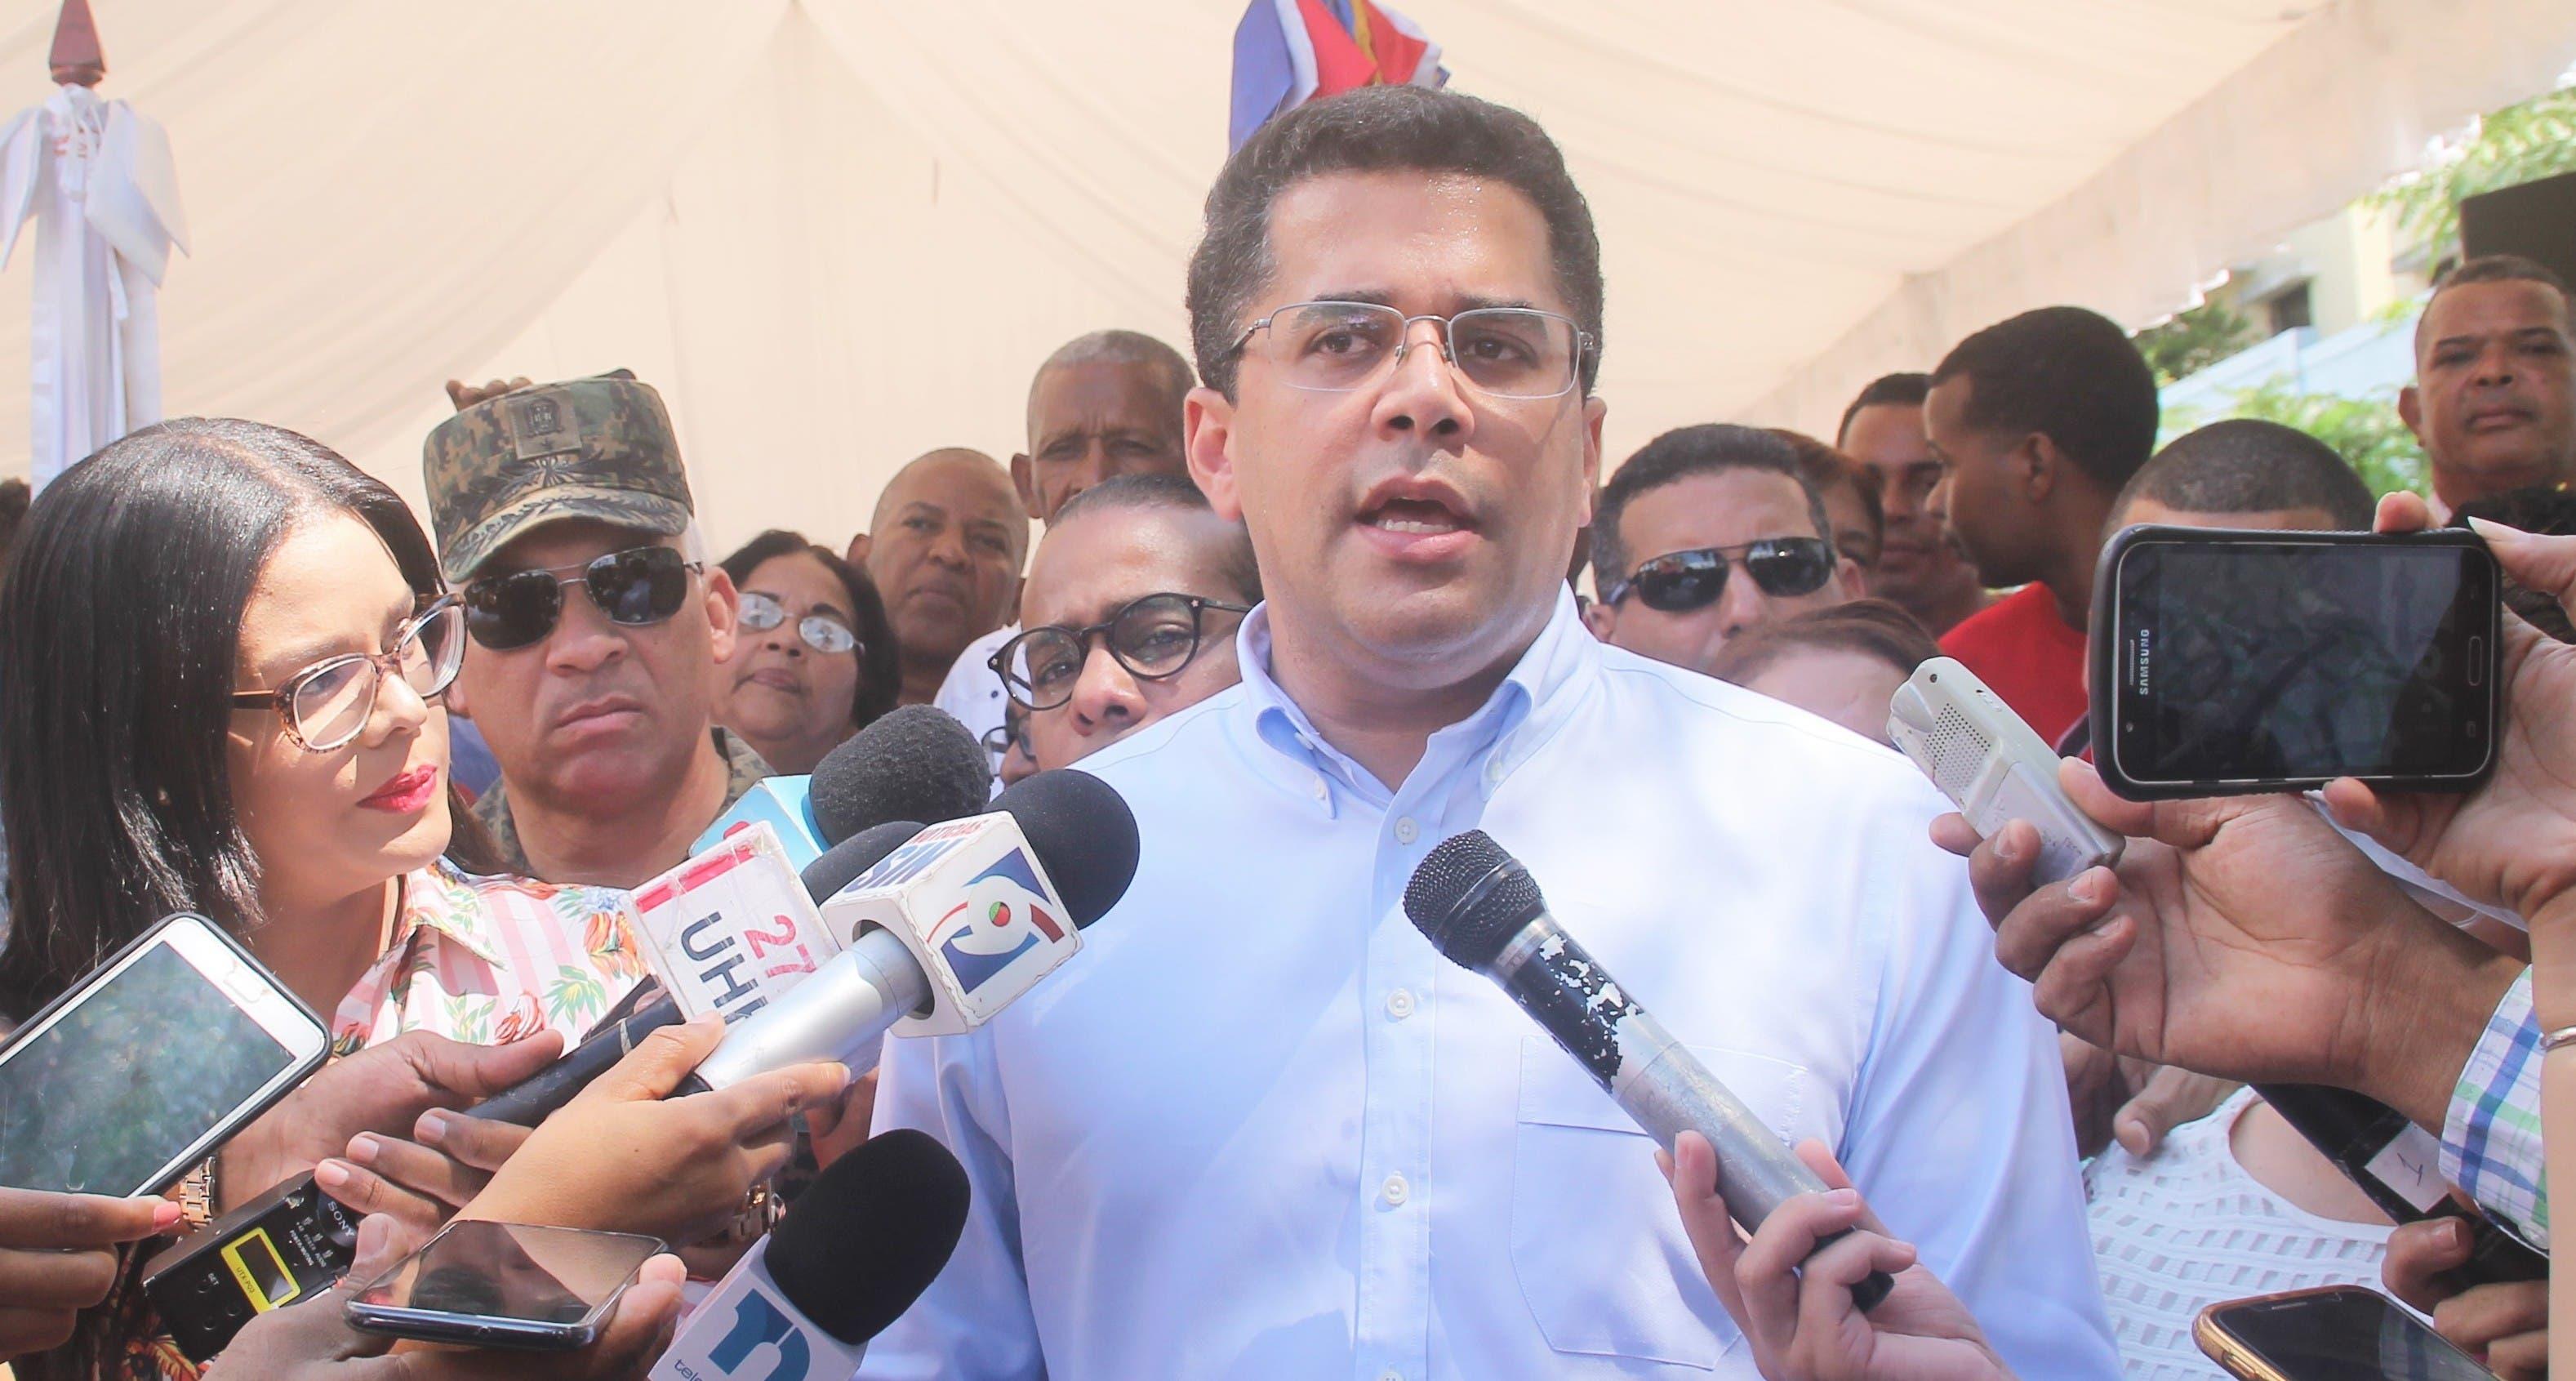 David Collado afirma varios partidos le han ofertado la candidatura presidencial